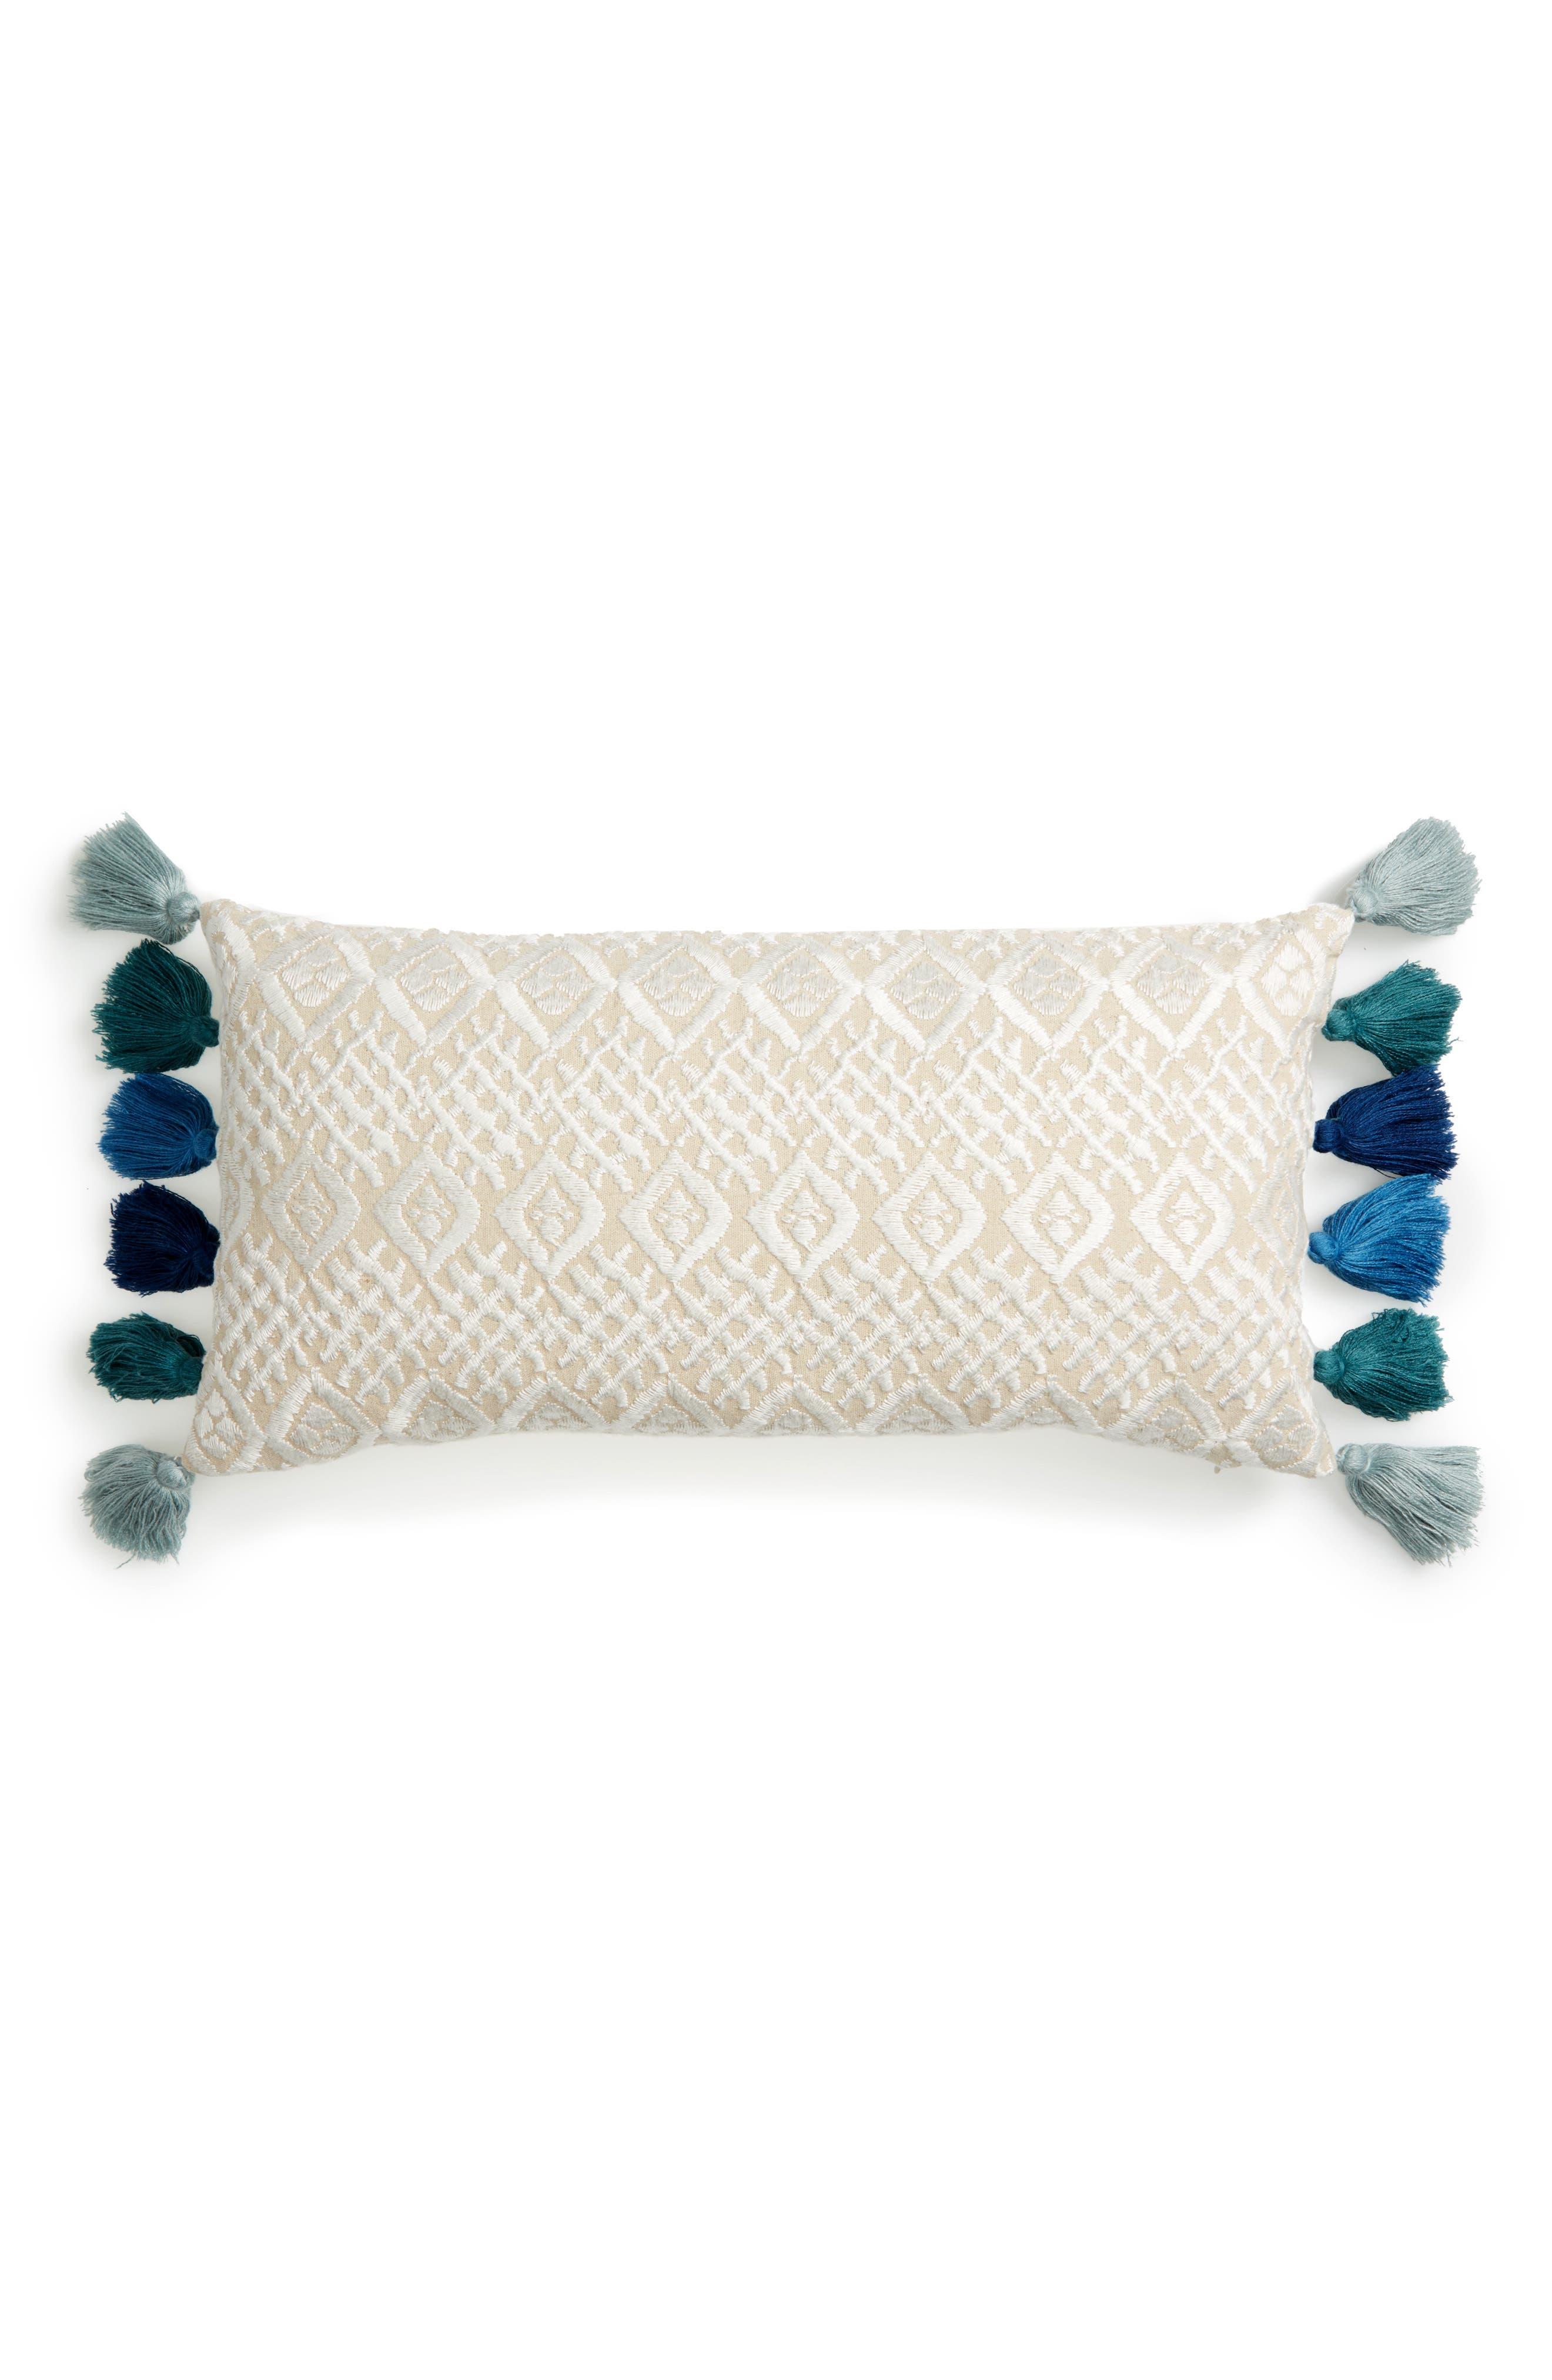 Main Image - Levtex Beckett Embroidered Pillow